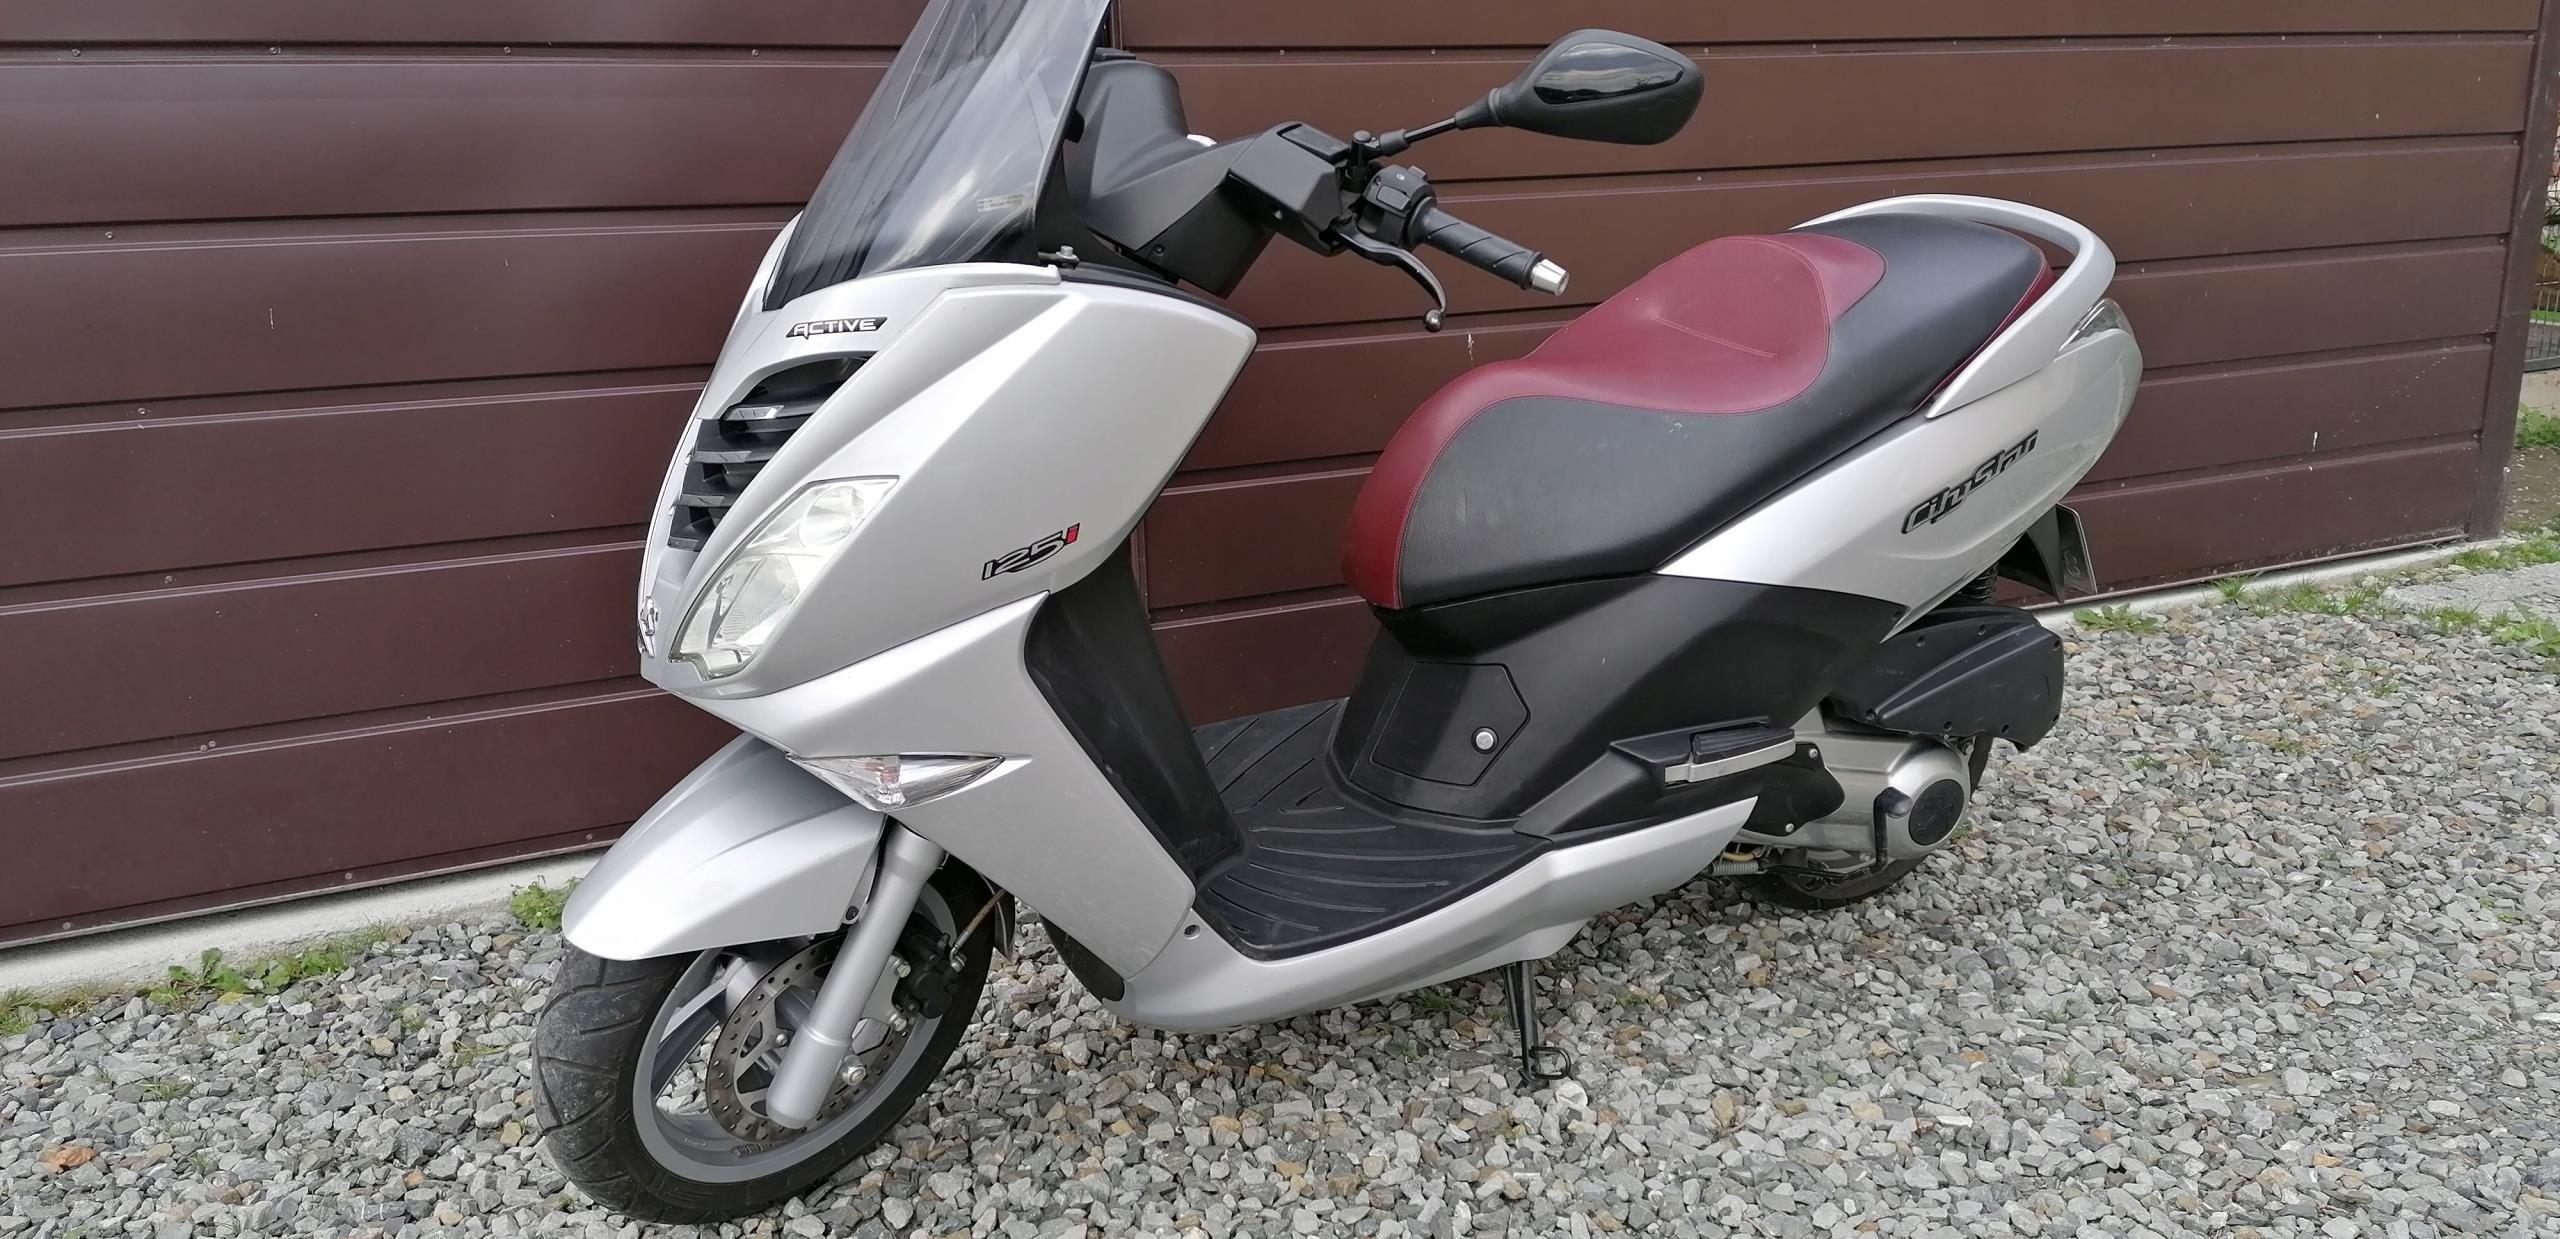 Sprzedam Skuter Peugeot City Star 125cm Kat B Opinie I Ceny Na Ceneo Pl